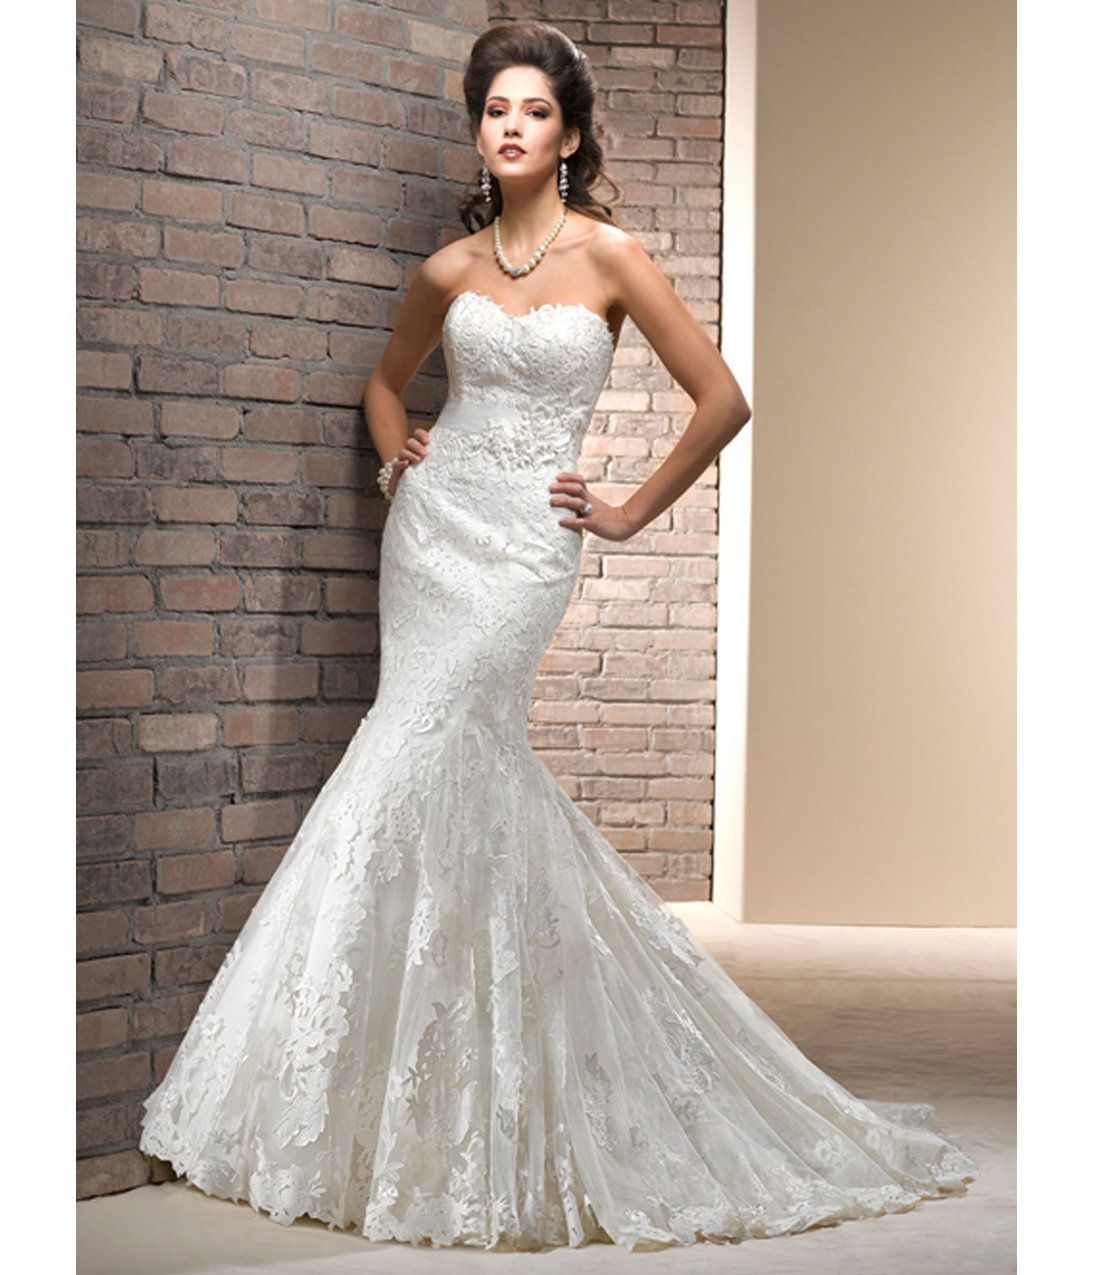 Unique Wedding Dresses Au: Charisse Ivory Tulle & Lace